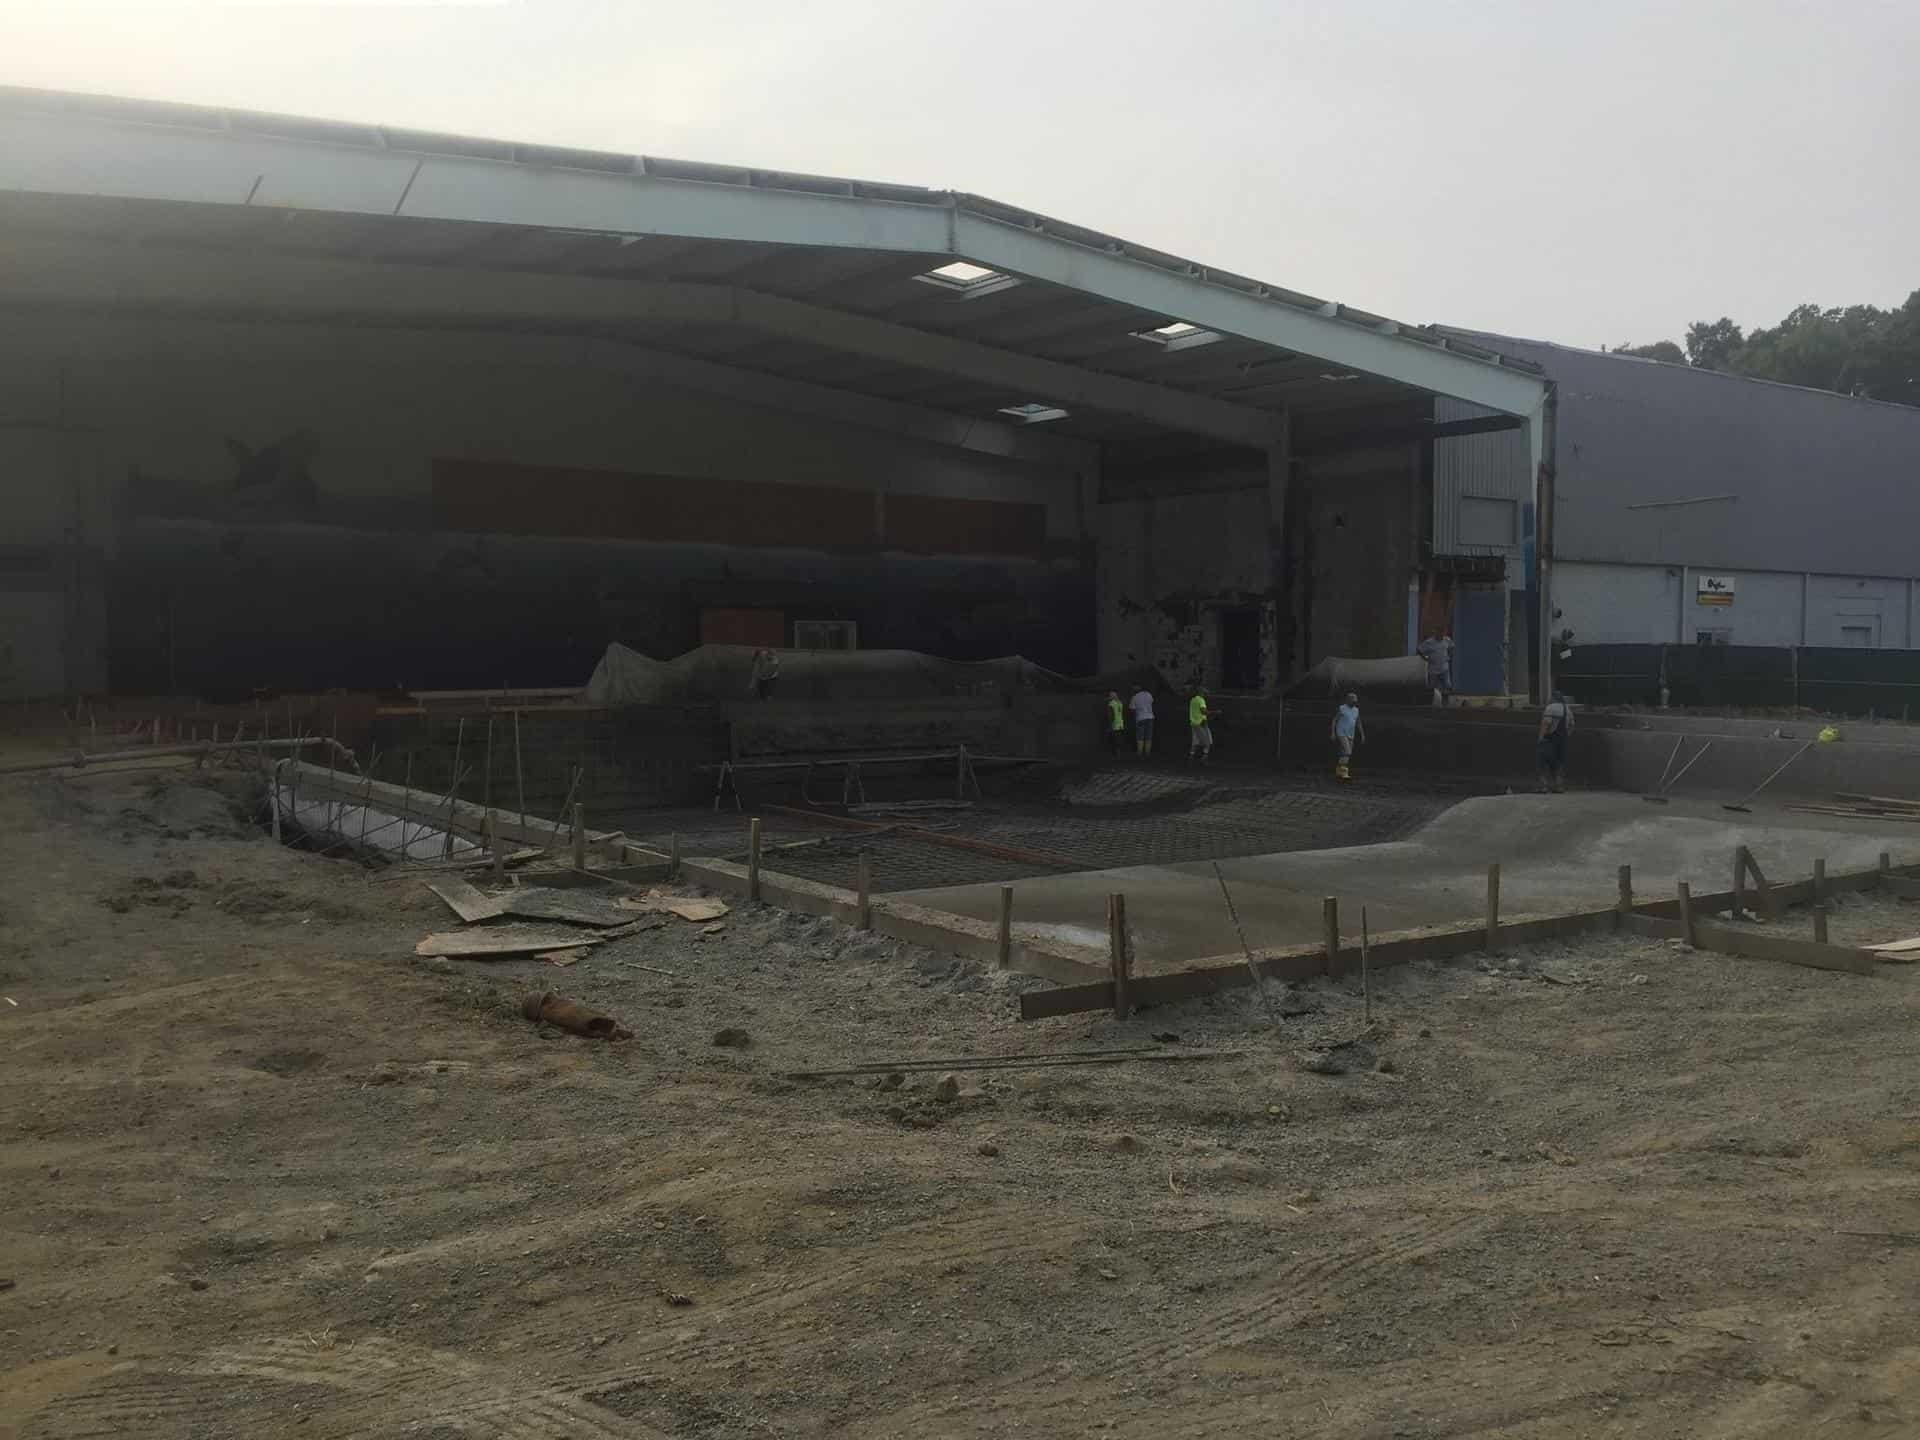 Competition Pool Construction : Nl aquatic center innovative aquatics